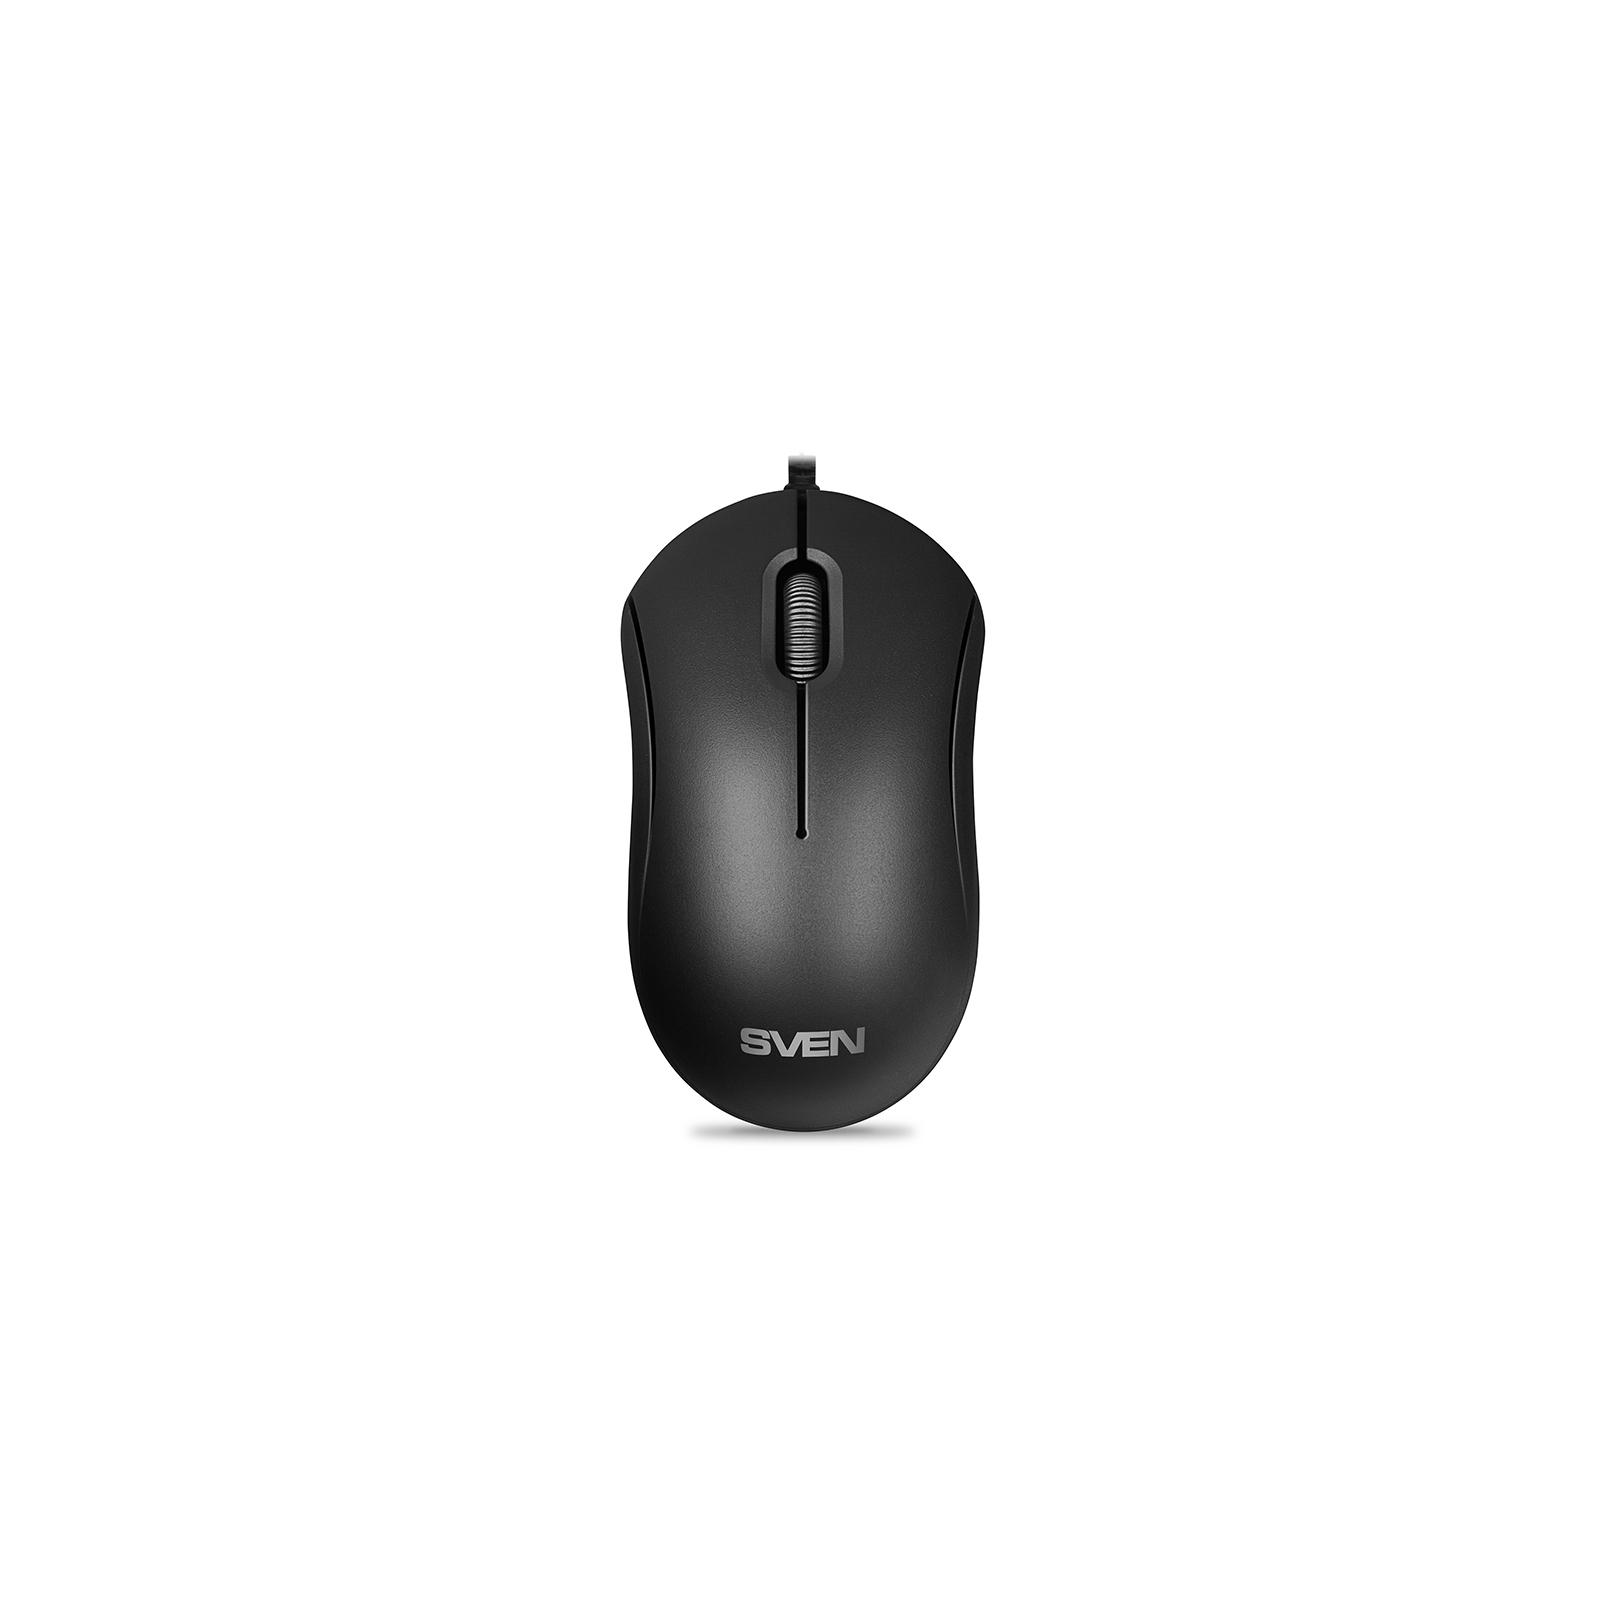 Мышка Sven RX-60 Black изображение 2